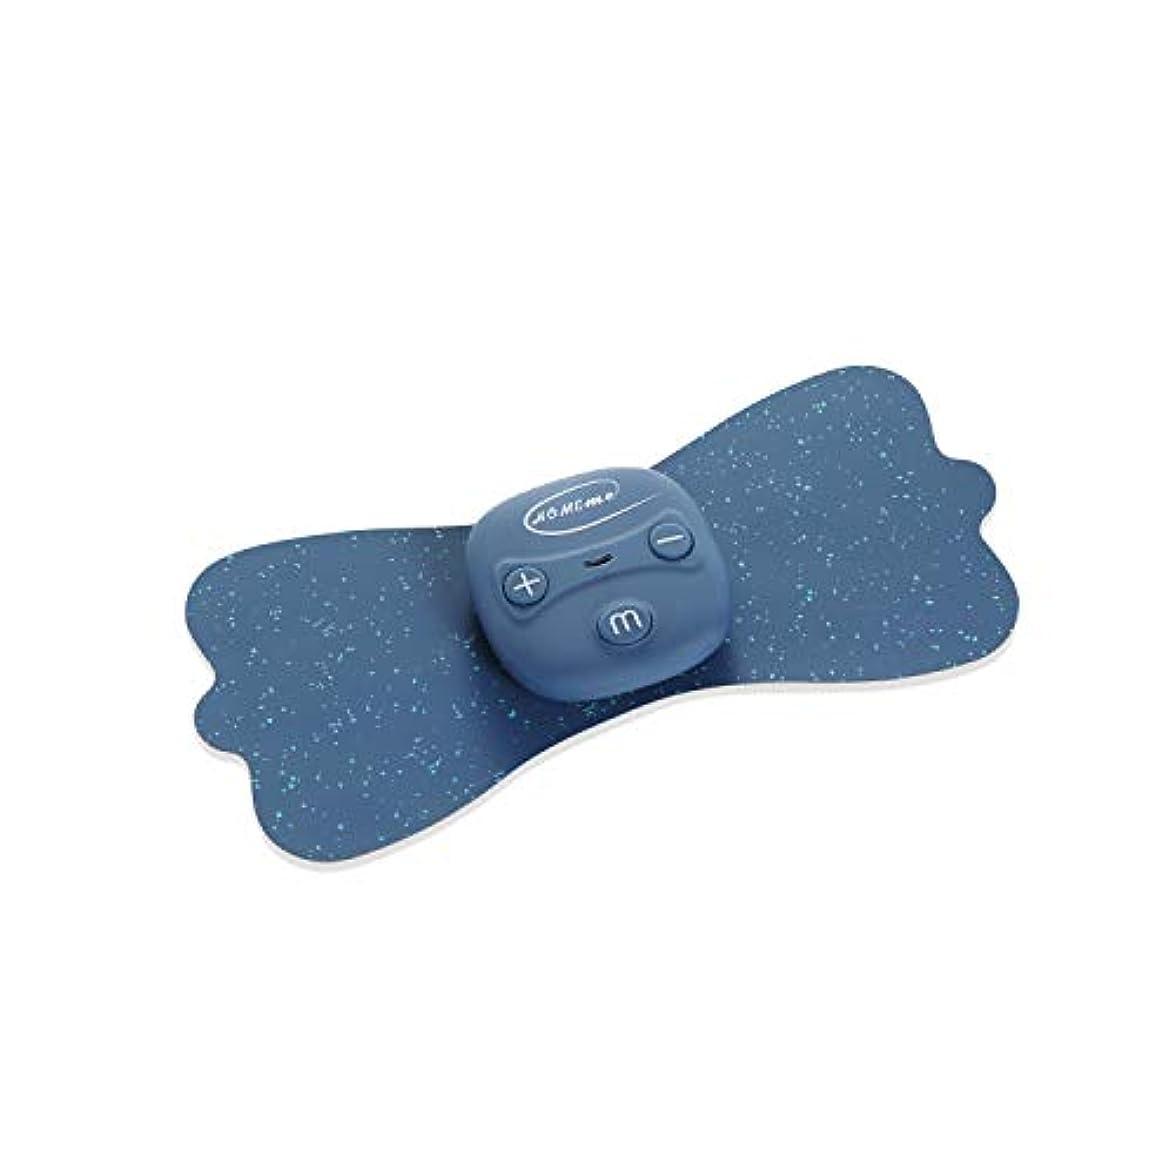 戸棚ブースト回復HOMEME 低周波マッサージパッド 2枚 EMSパッド 15段階調節 6つモード 腰マッサージ usb充電式 筋疲労回復 一年保証 首/肩/腰/背中/手/足向け